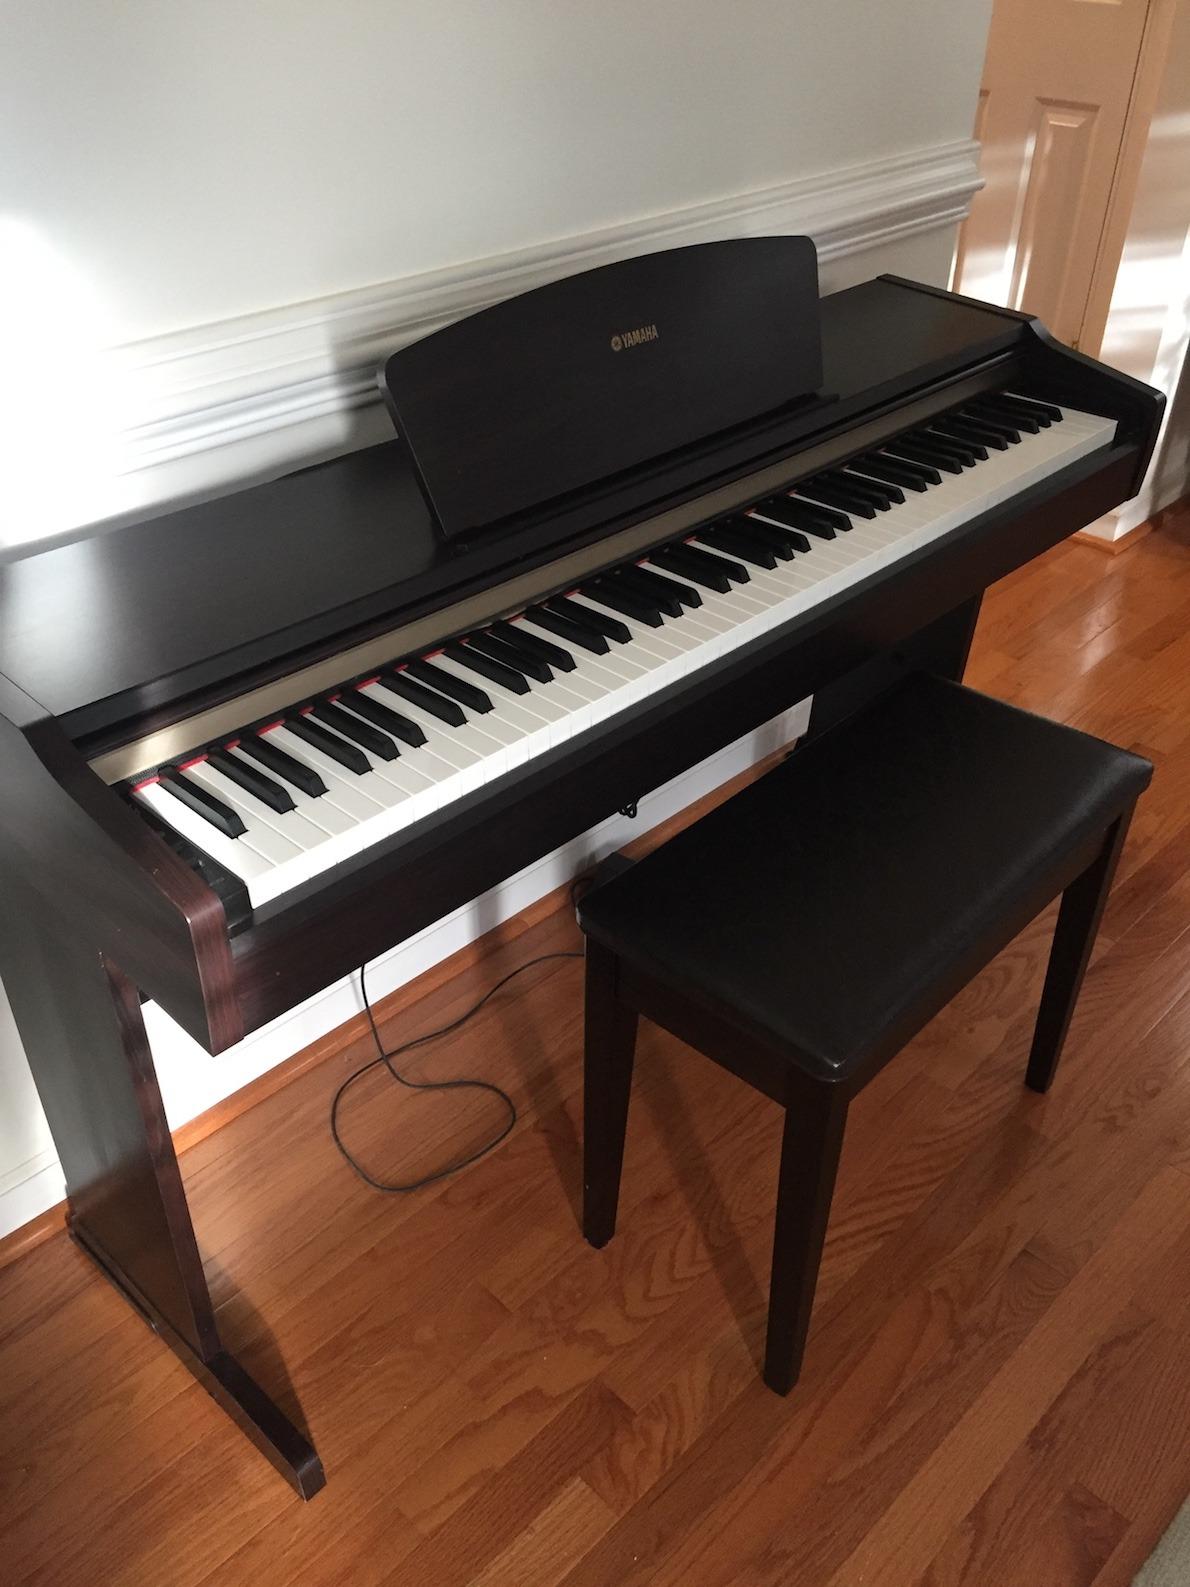 Yamaha keyboard www.thethreeyearexperiment.com